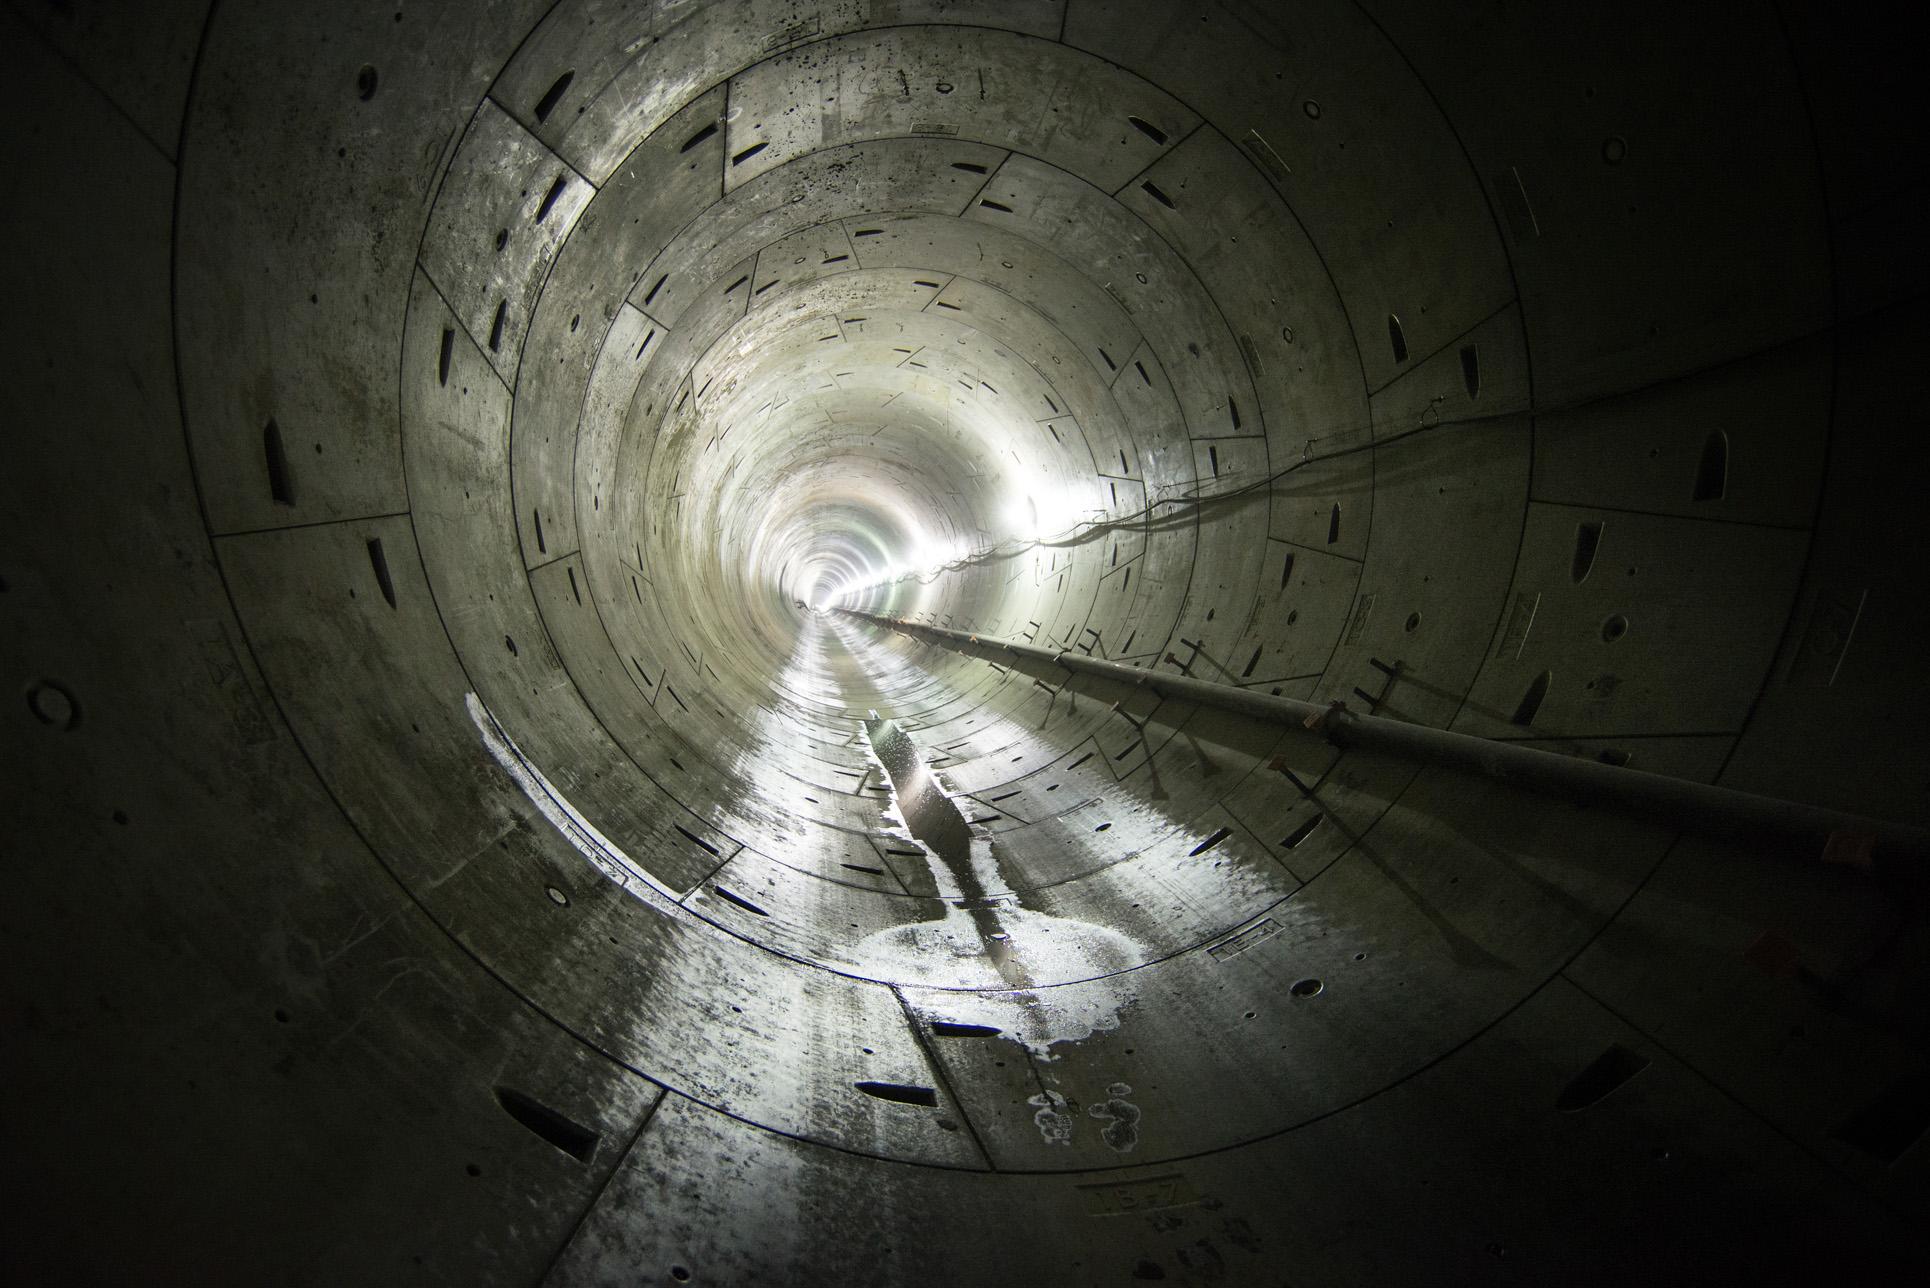 160204_1011_SB_Tunnel_full.jpg